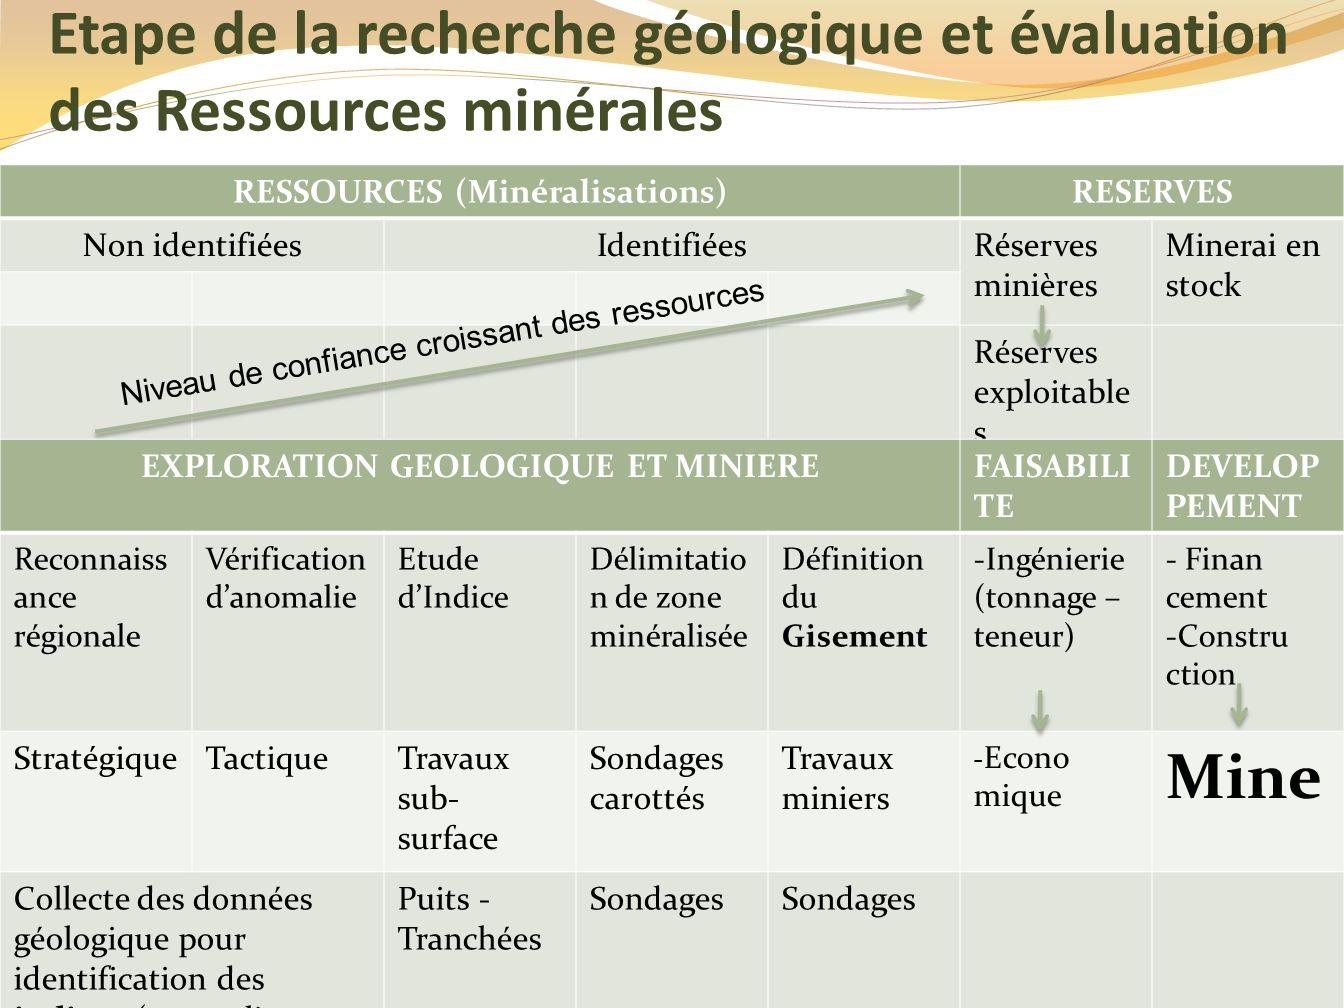 RESSOURCES (Minéralisations) EXPLORATION GEOLOGIQUE ET MINIERE